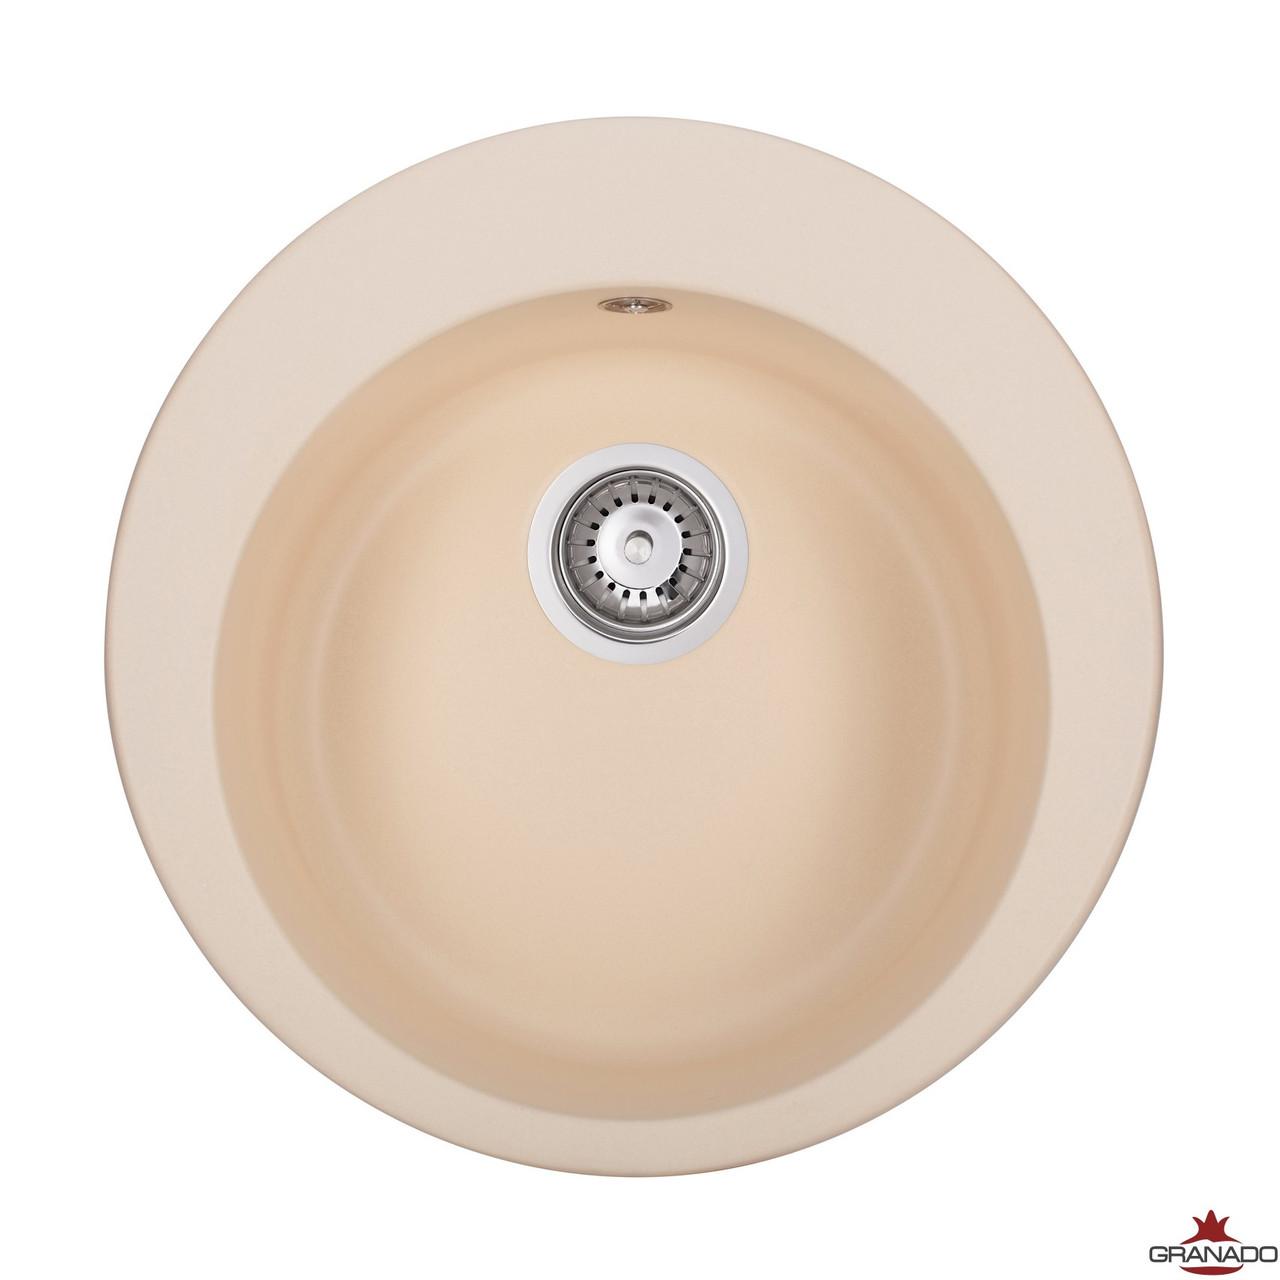 Мойка врезная из гранита для кухни от производителя Granado Vitoria цвет - Ivory круглой формы